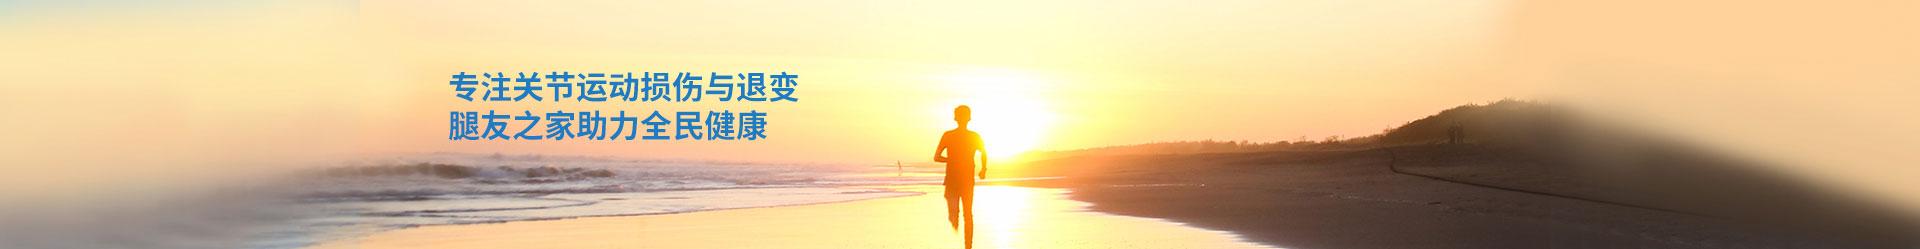 专注于关节运动损伤与退变